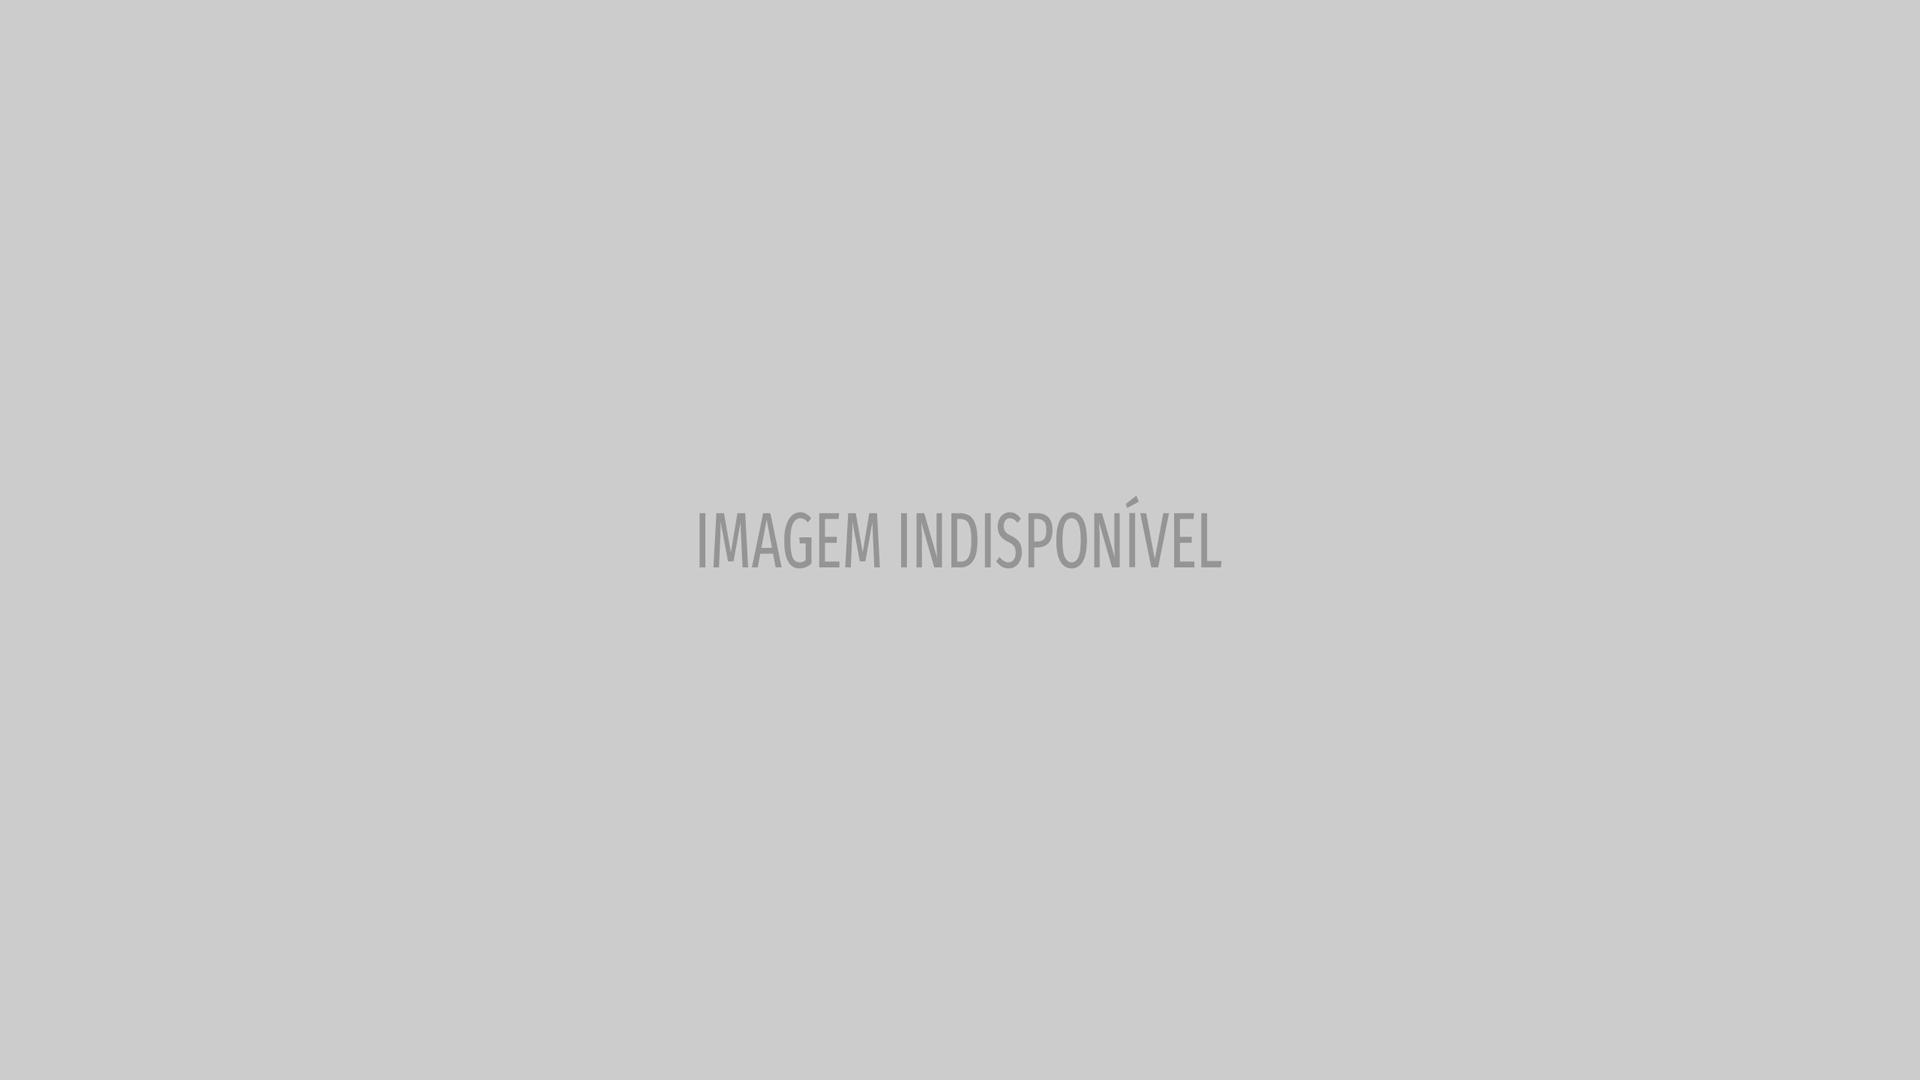 Cão selvagem livra-se de ser devorado com tática astuta